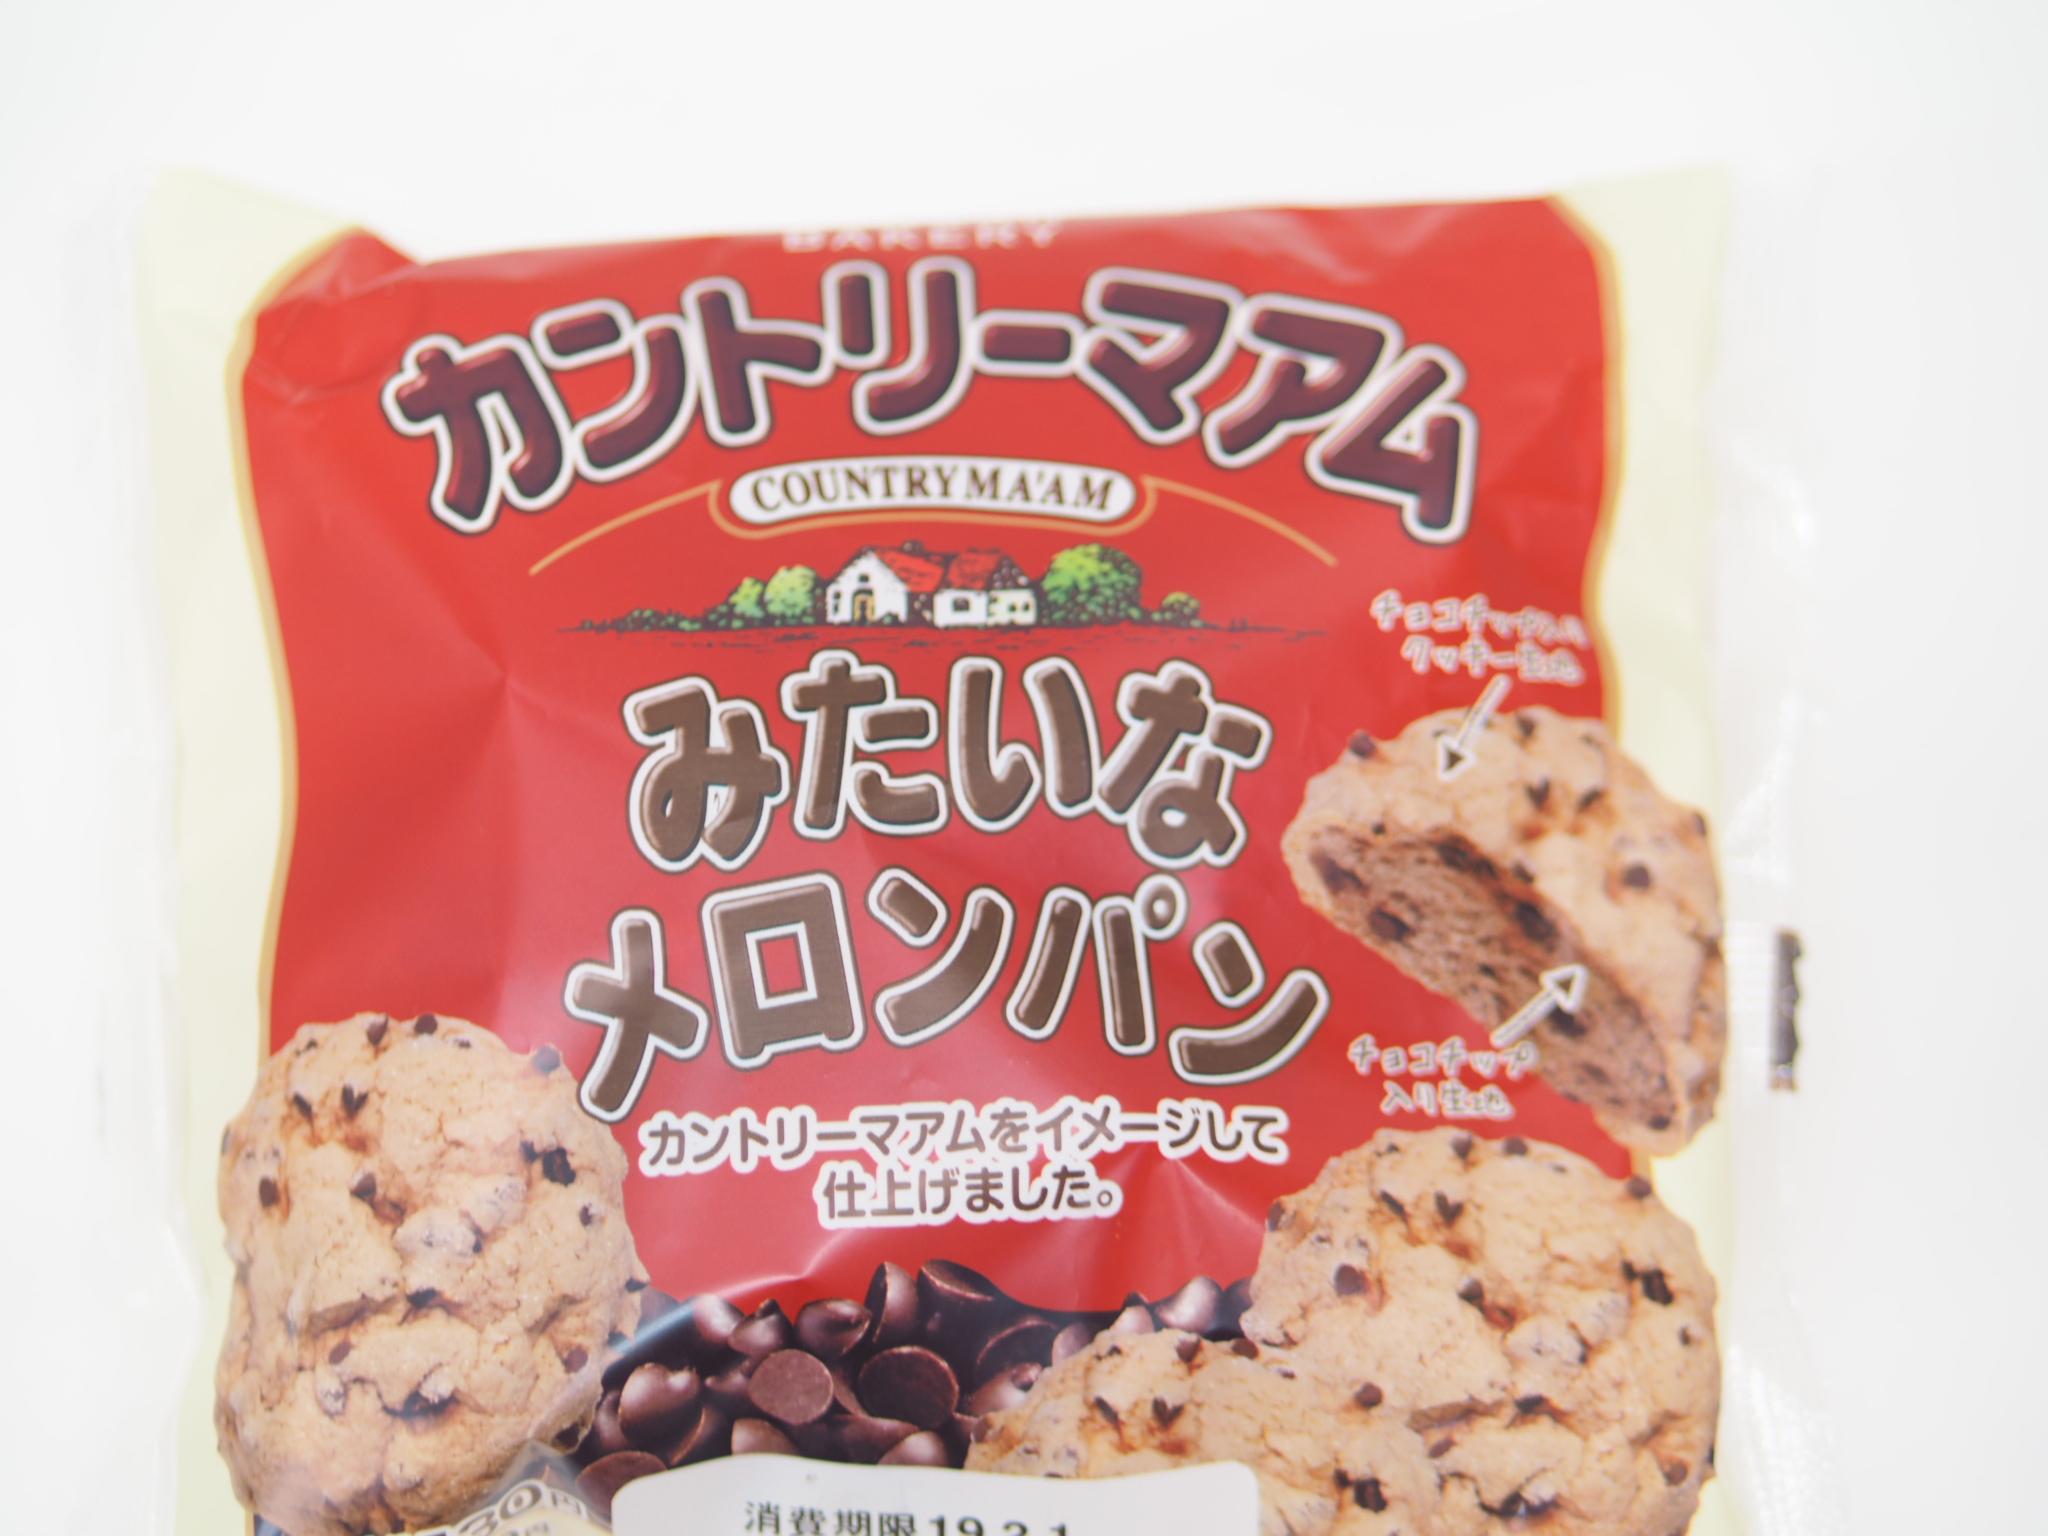 【ローソン】カントリーマアムみたいなメロンパン実食☆